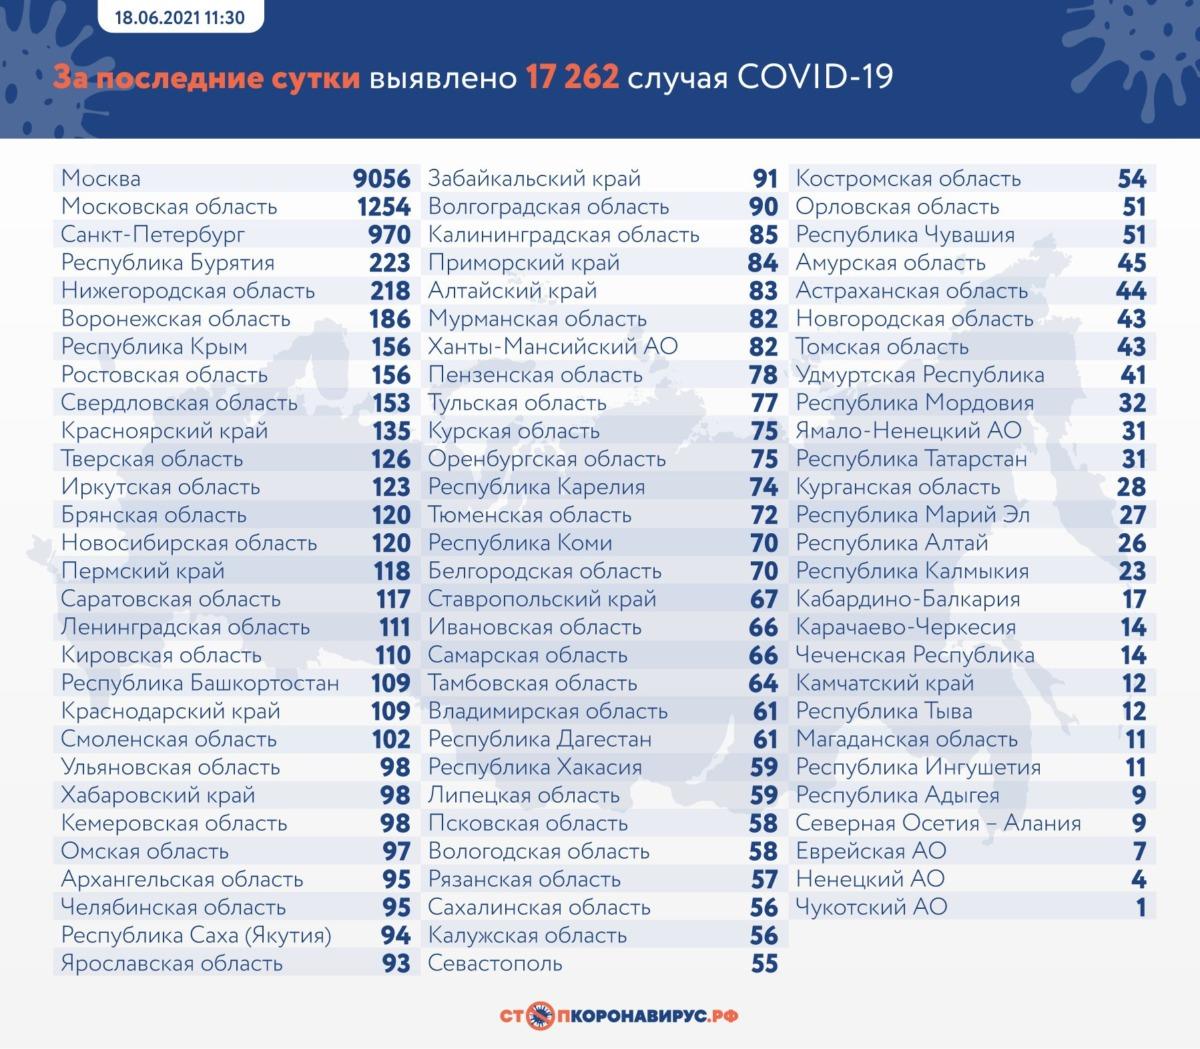 Резкий всплеск. Статистика коронавируса в России на 18 июня